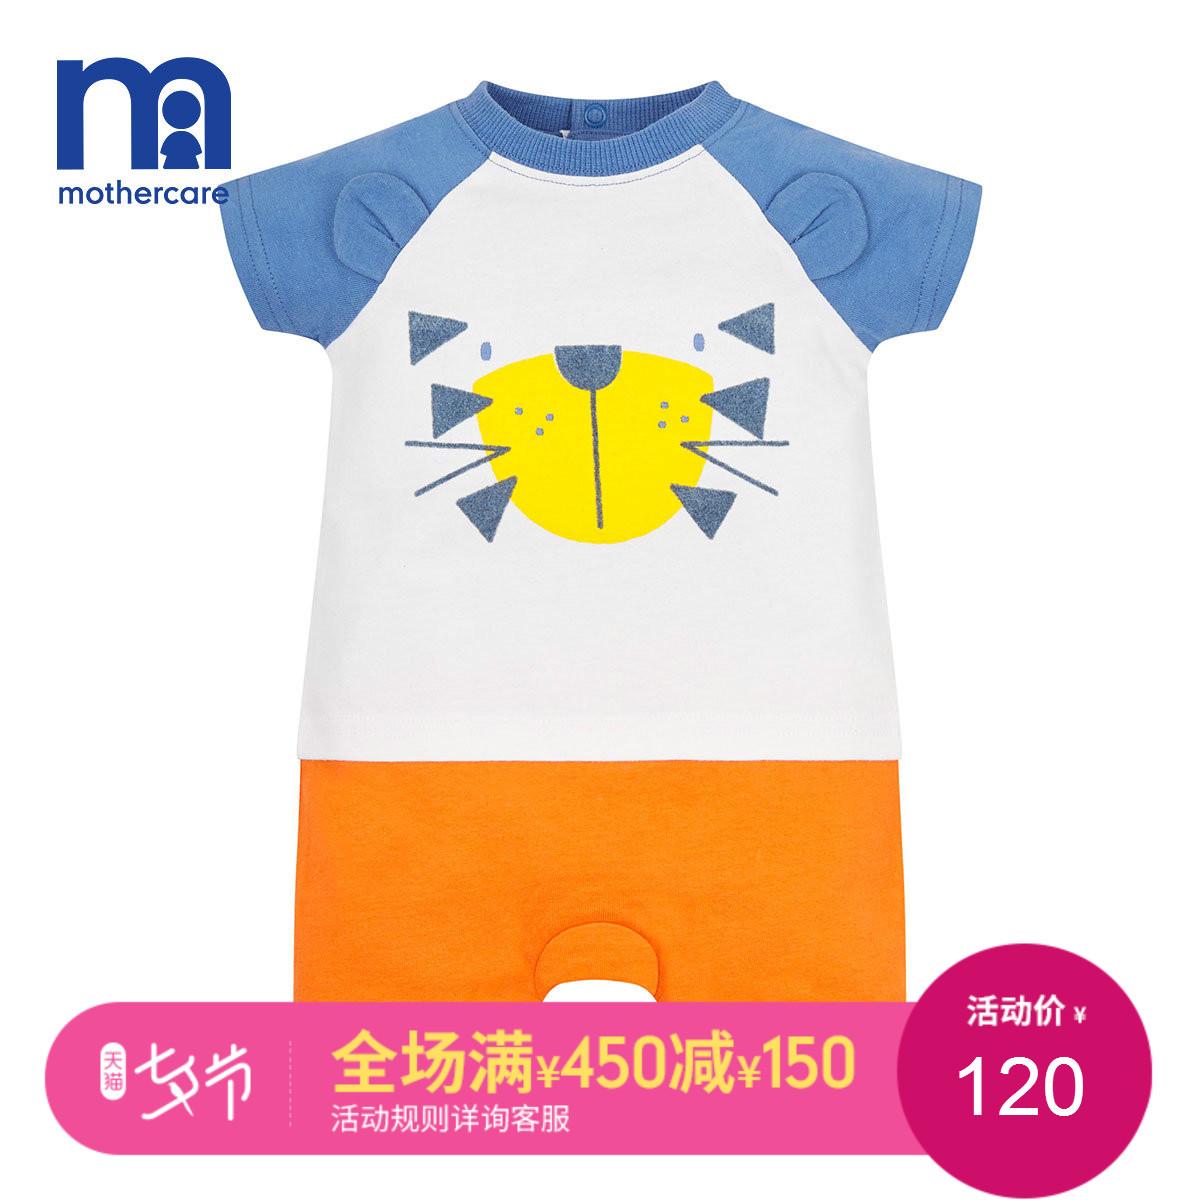 mothercare婴儿连体衣宝宝哈衣夏季棉质短袖罗纹领口动物男婴爬服